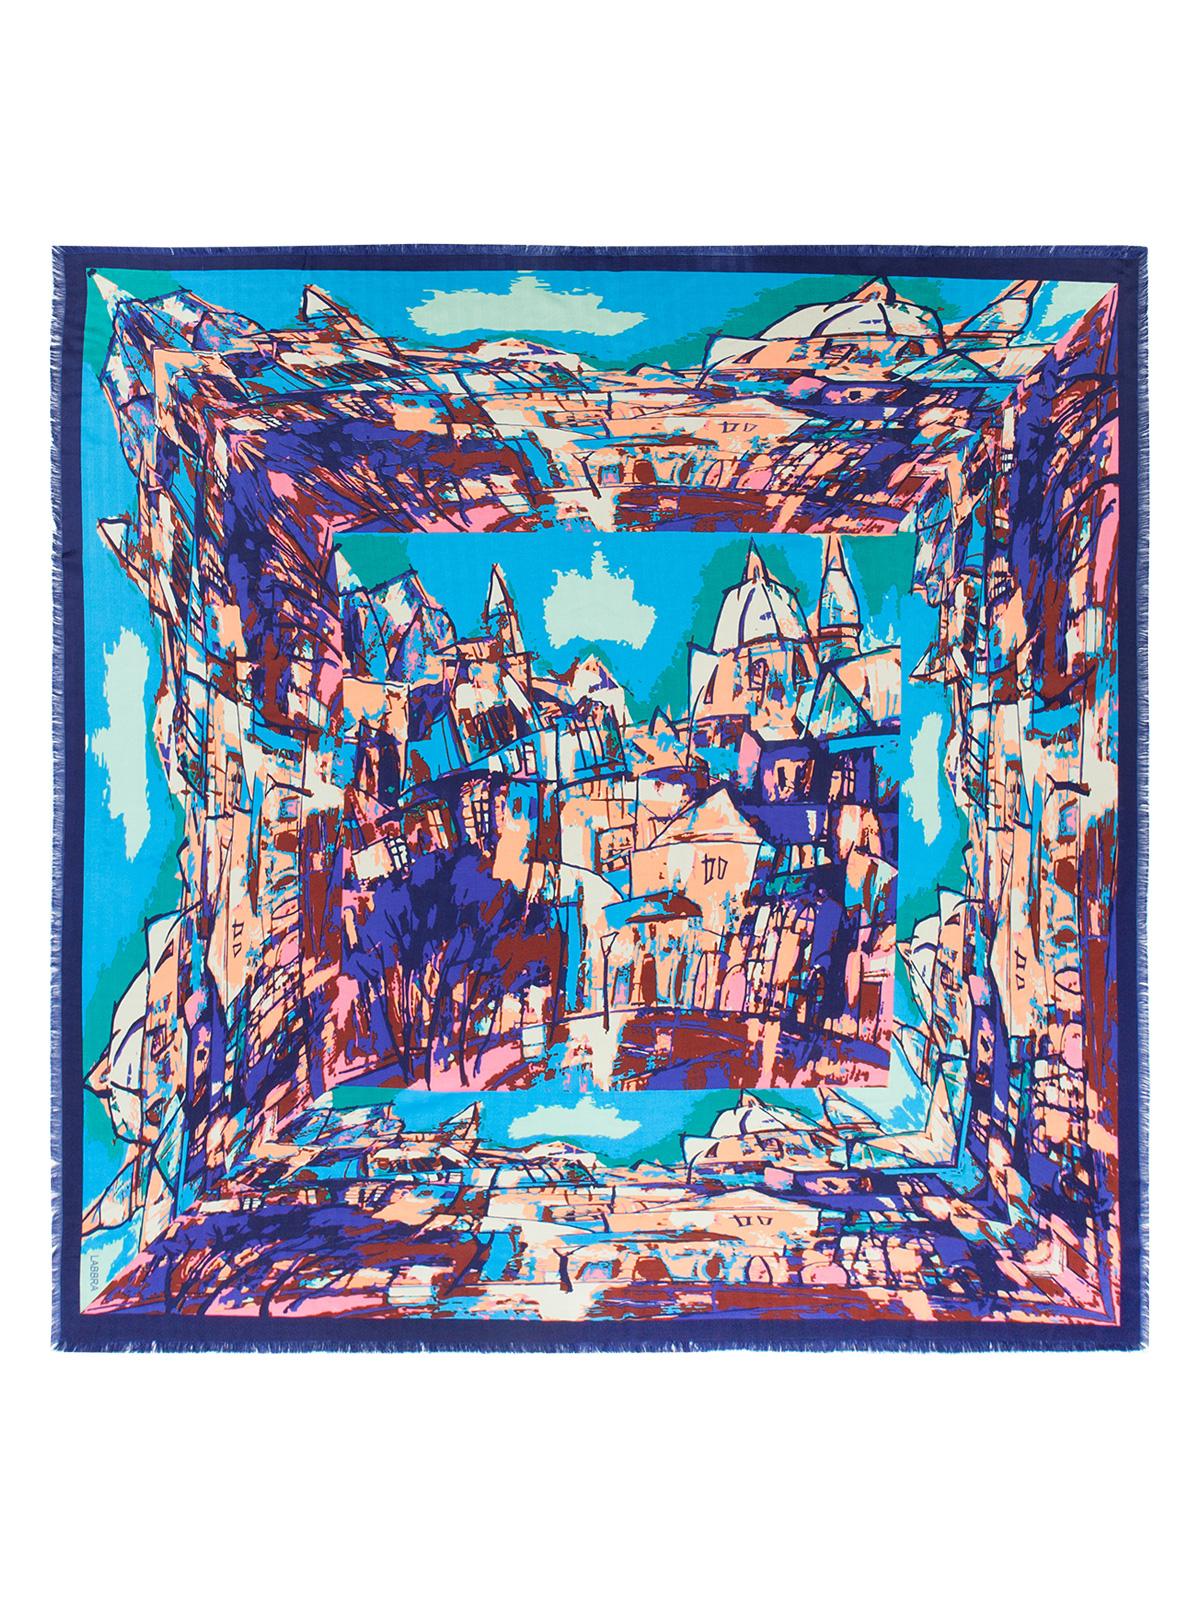 Платок женский Labbra, цвет: синий, мультицвет. LSZ33-529. Размер 140 см х 140 смLSZ33-529Платок от Labbra изготовлен из вискозы с добавлением шерсти и оформлен ярким принтом. Края изделия декорированы бахромой.